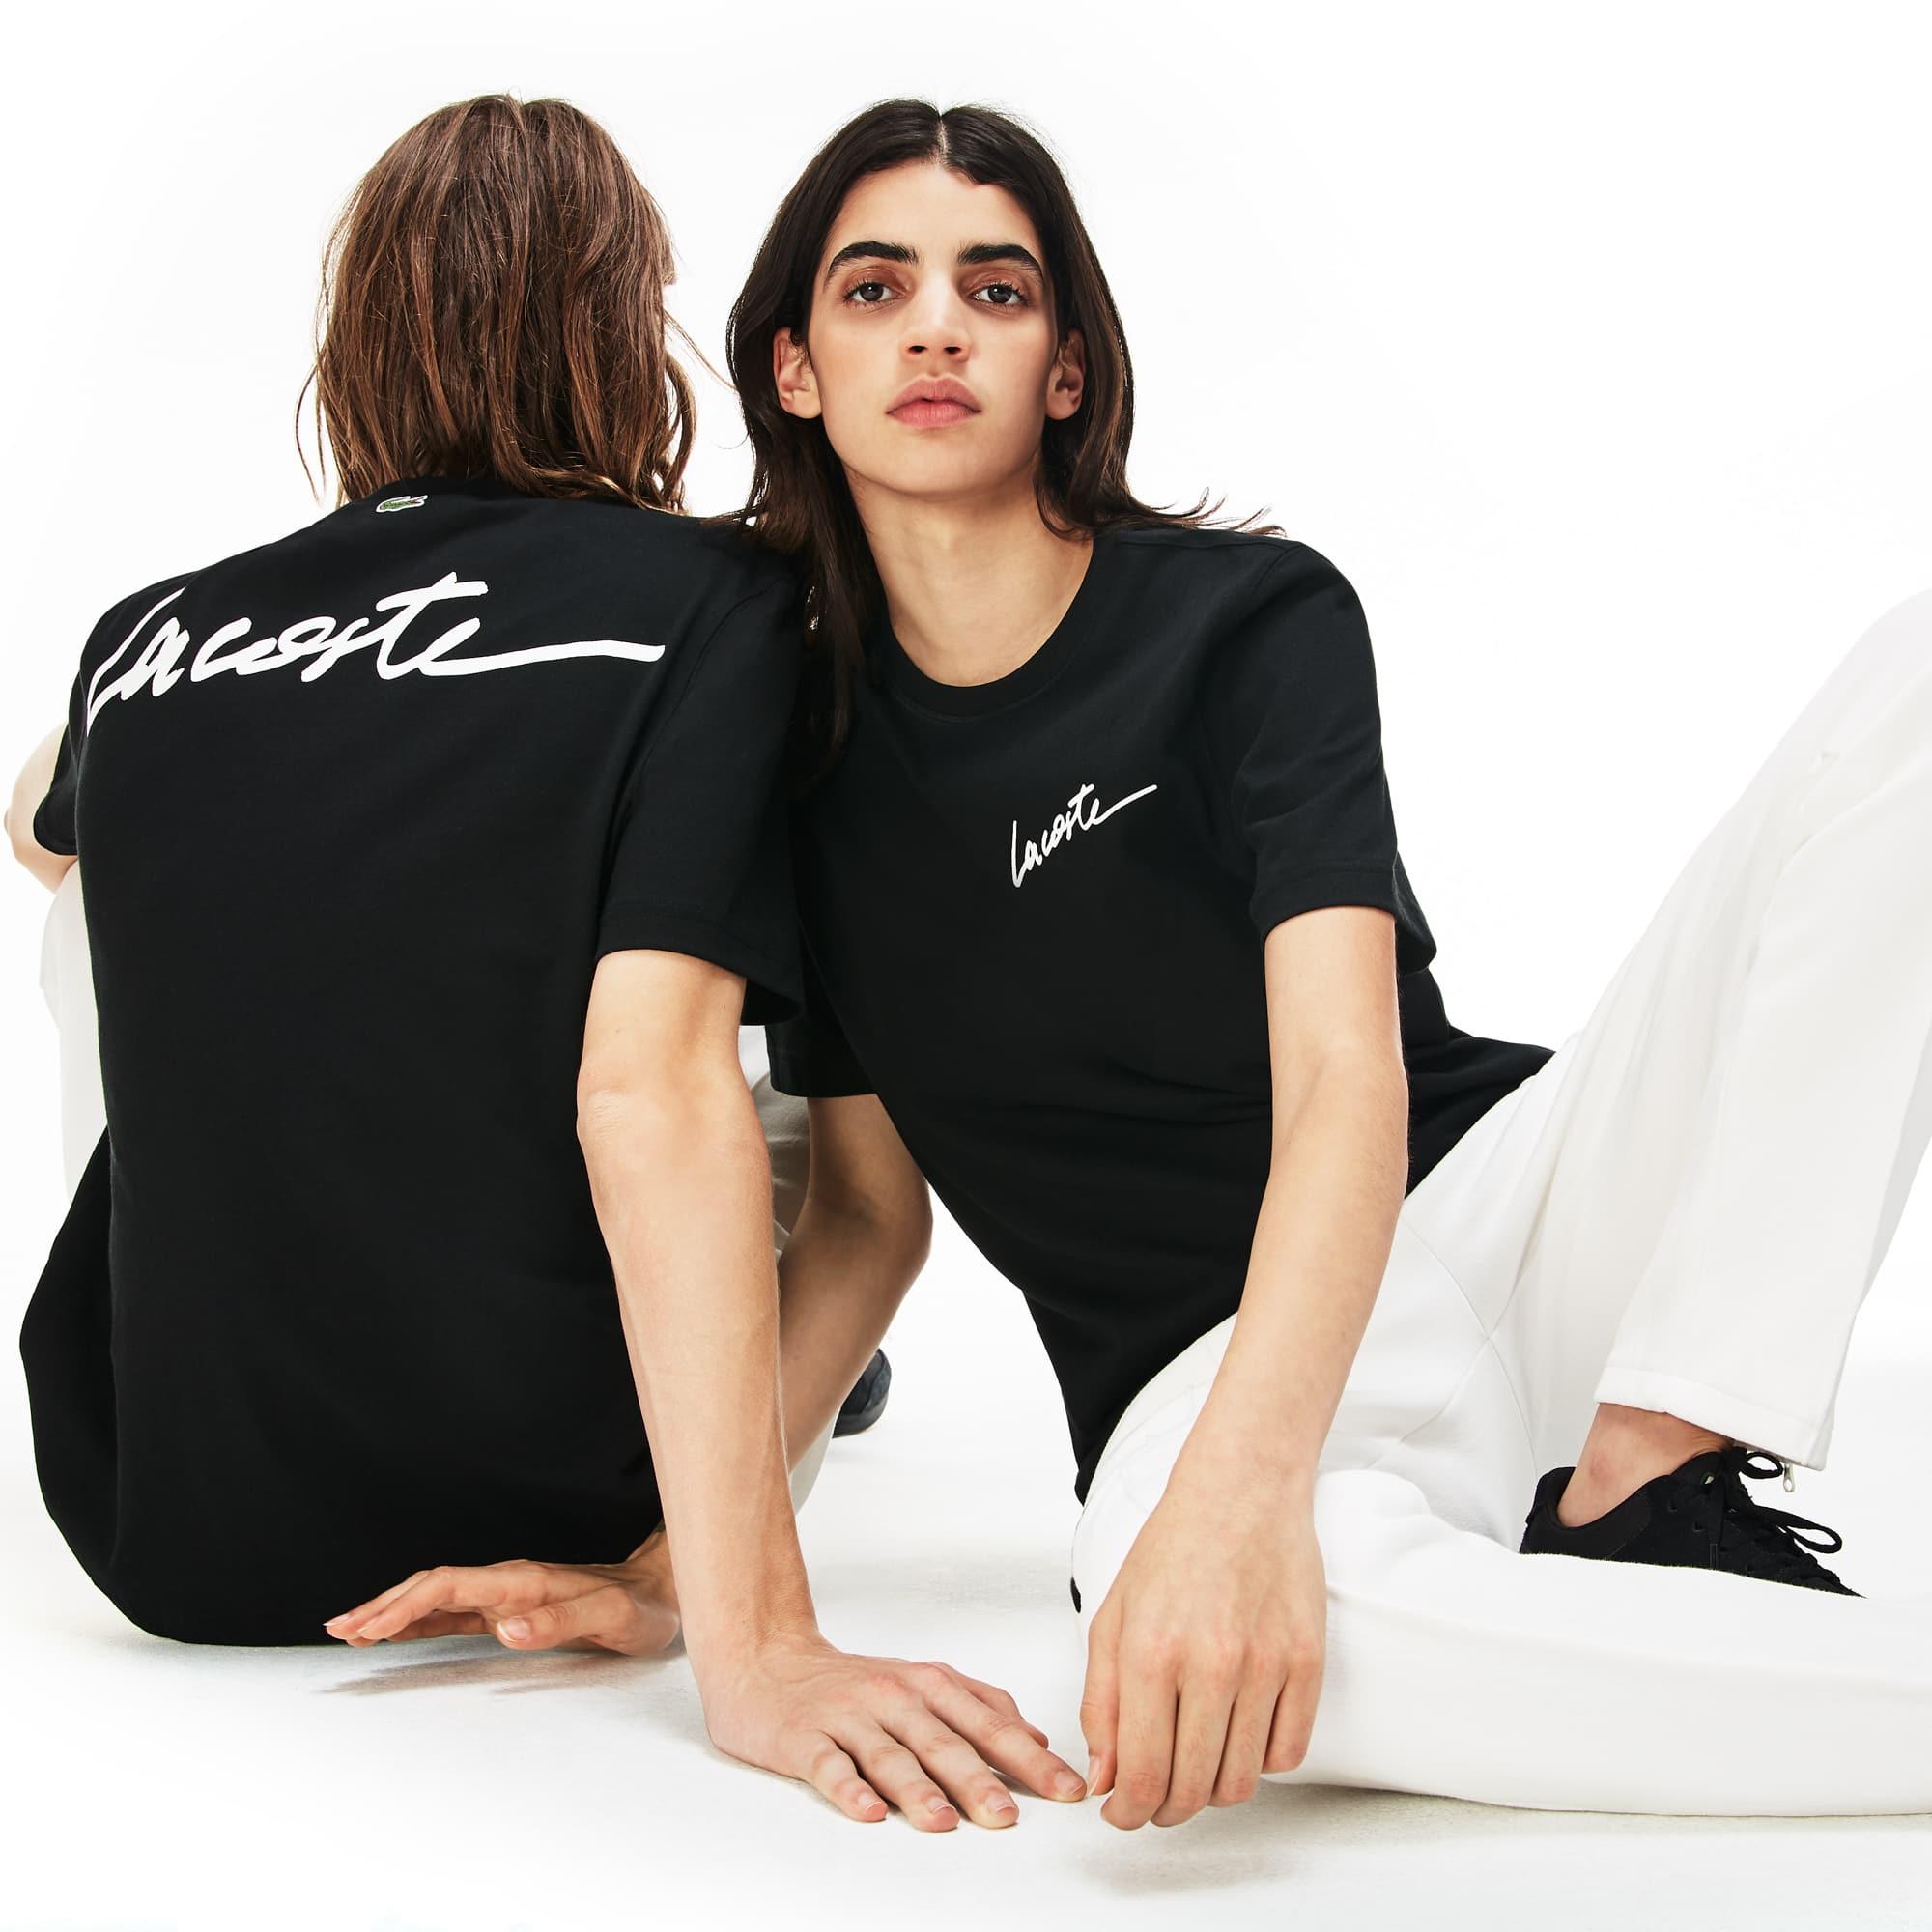 Herren LACOSTE L!VE Rundhals T-Shirt mit LACOSTE Schriftzug